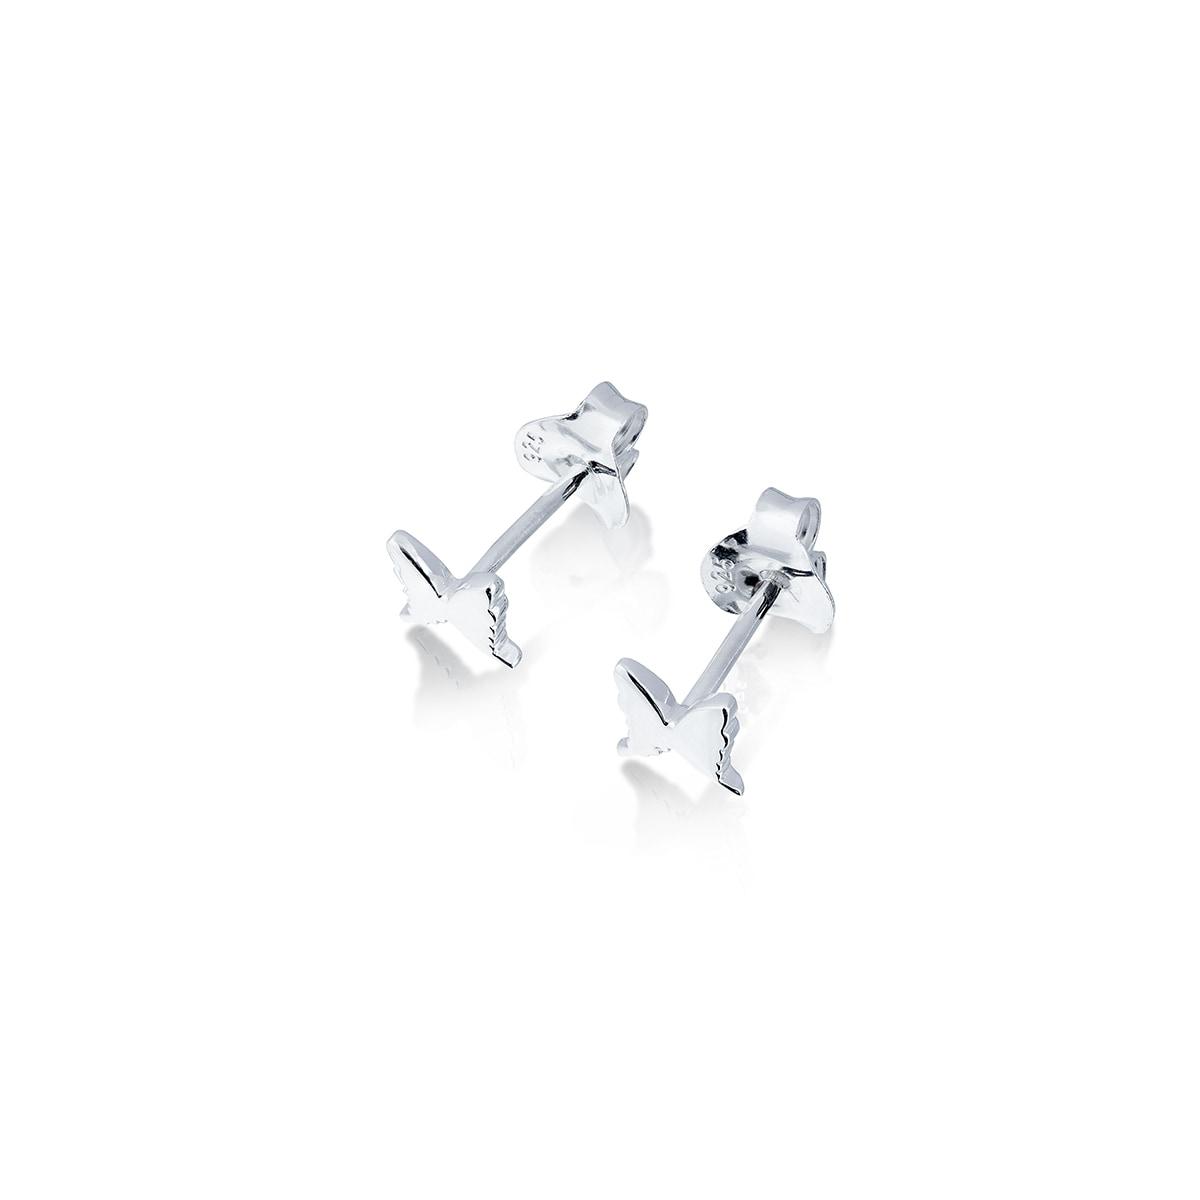 Gynnning_Jewelry_18-s109-4k-02_hos_Jarl_Sandin